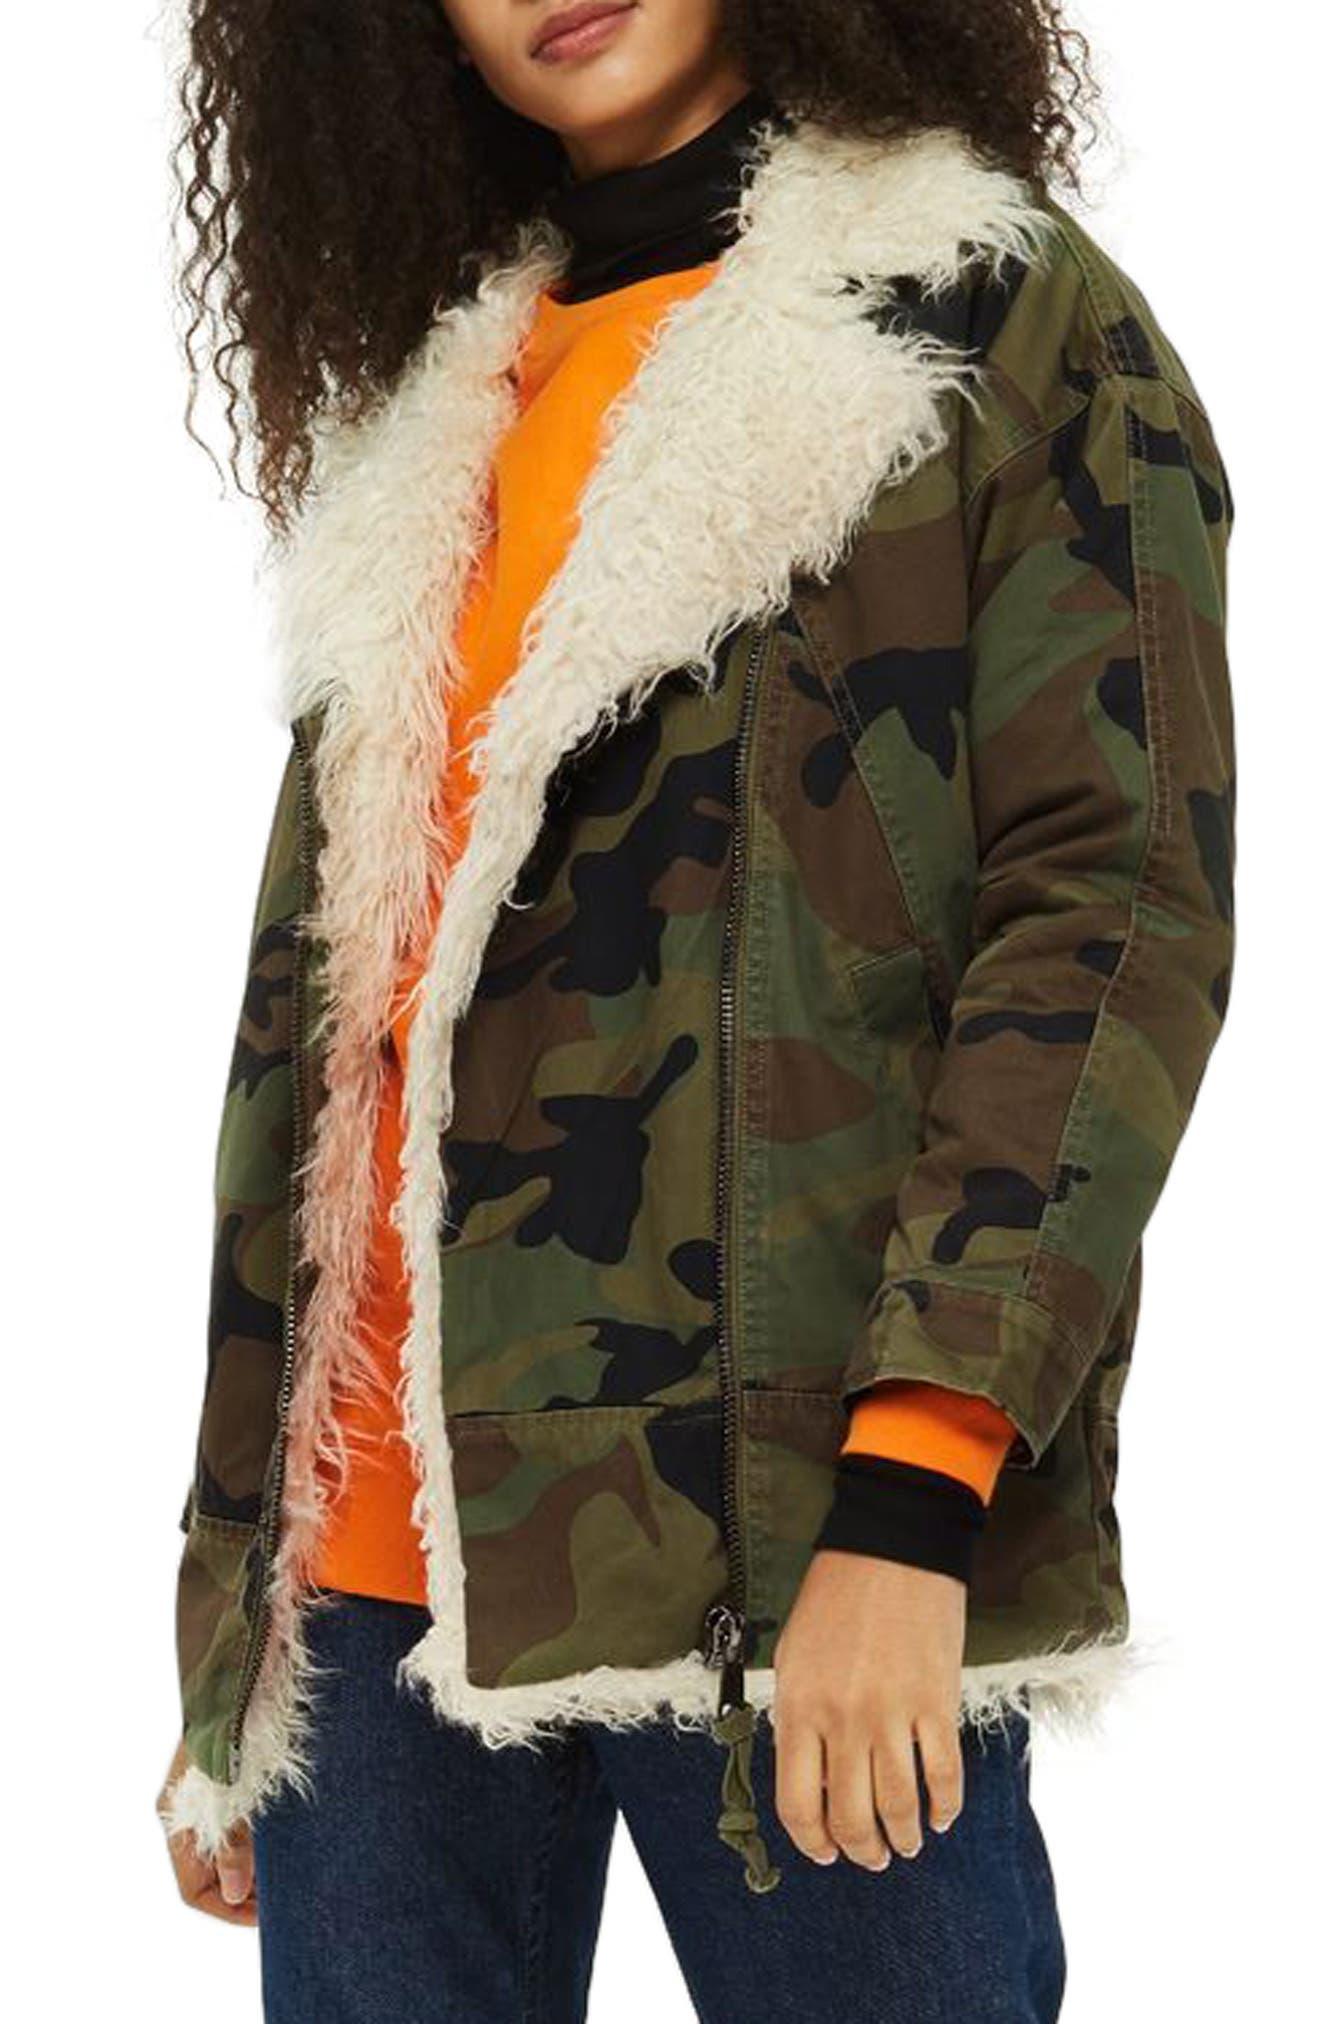 Topshop Jake Camouflage Jacket